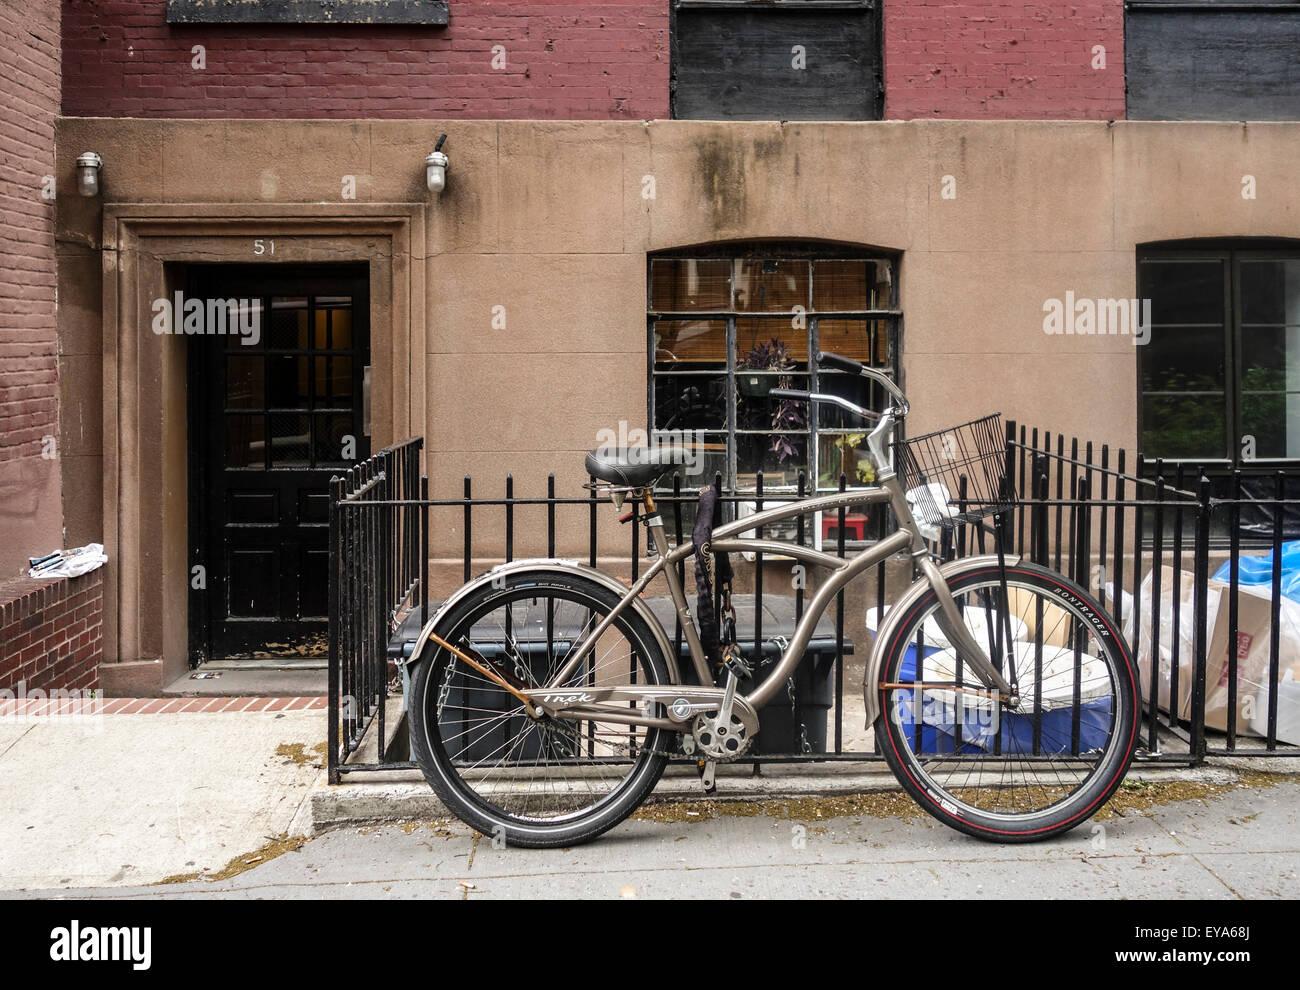 Amerikanischen Cruiser Klassische Fahrrad Angekettet An Zaun Vor